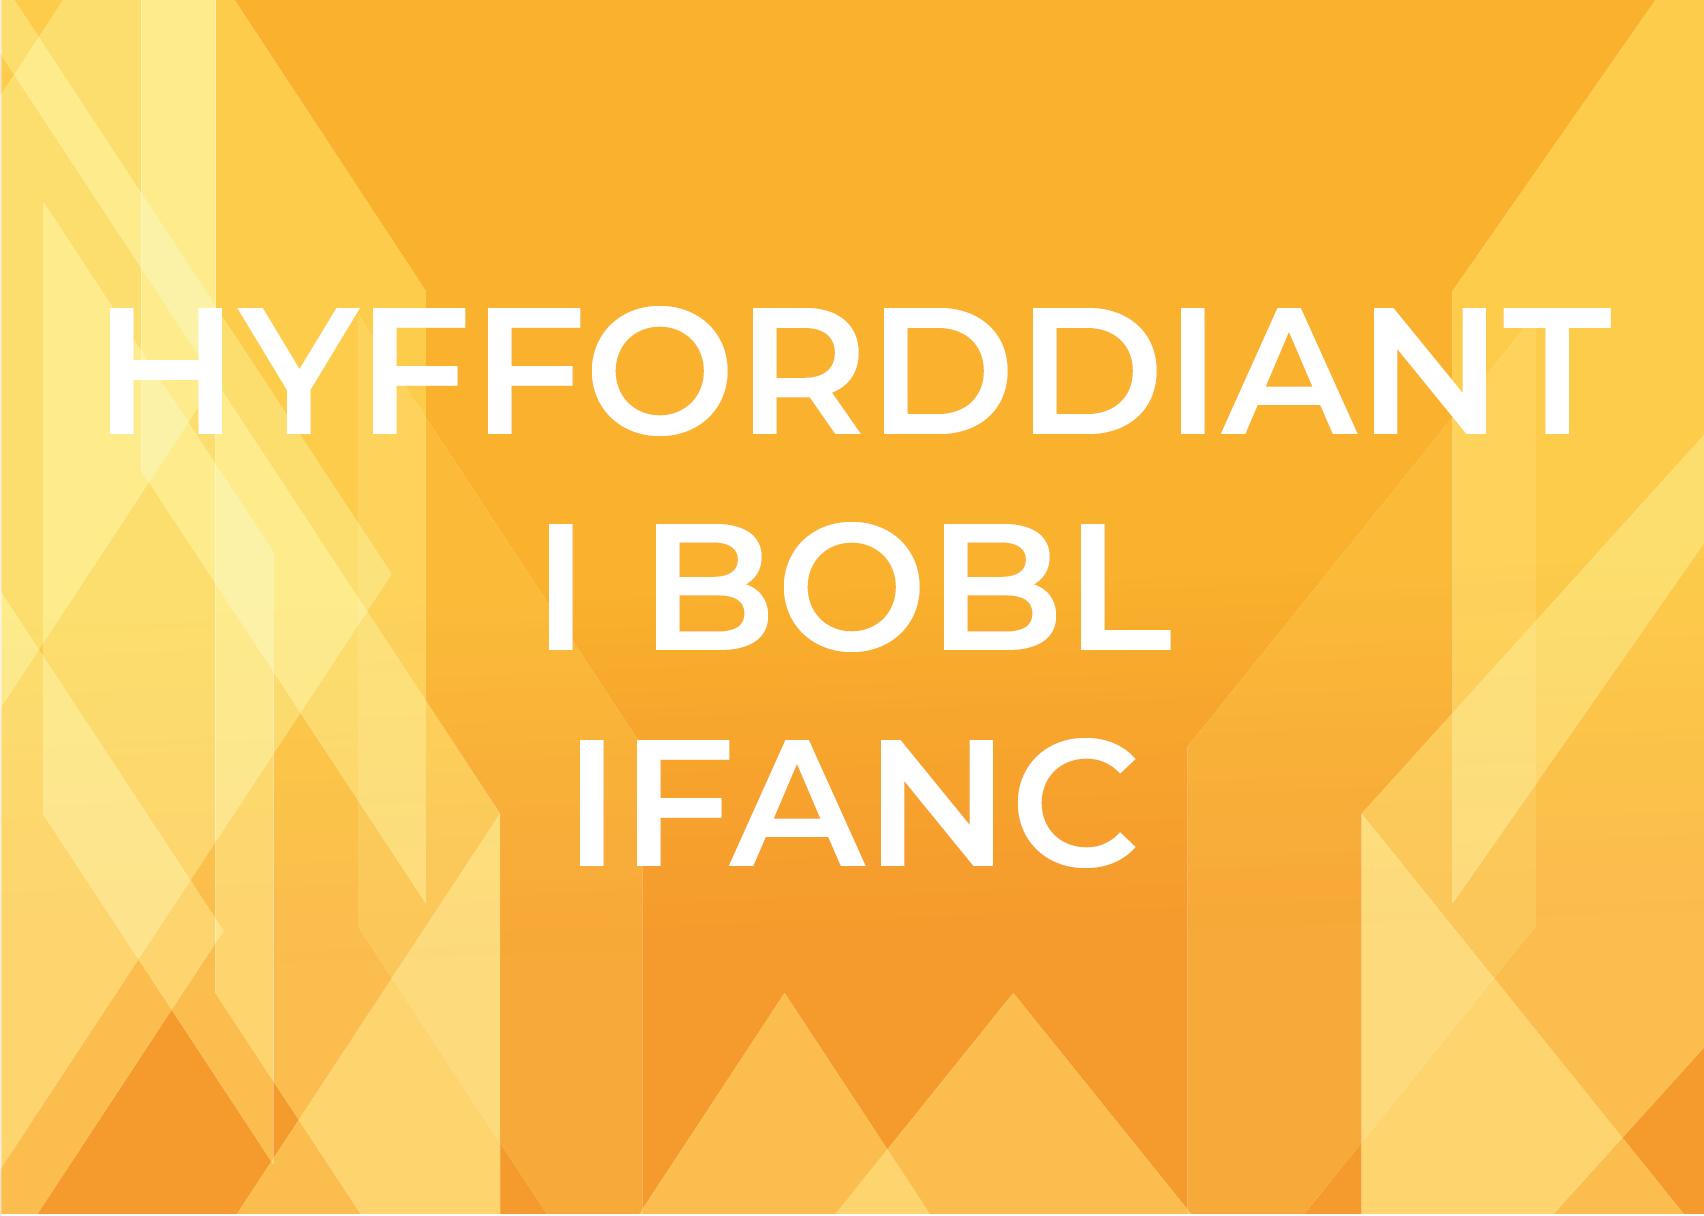 Hyfforddiant i Bobl Ifanc